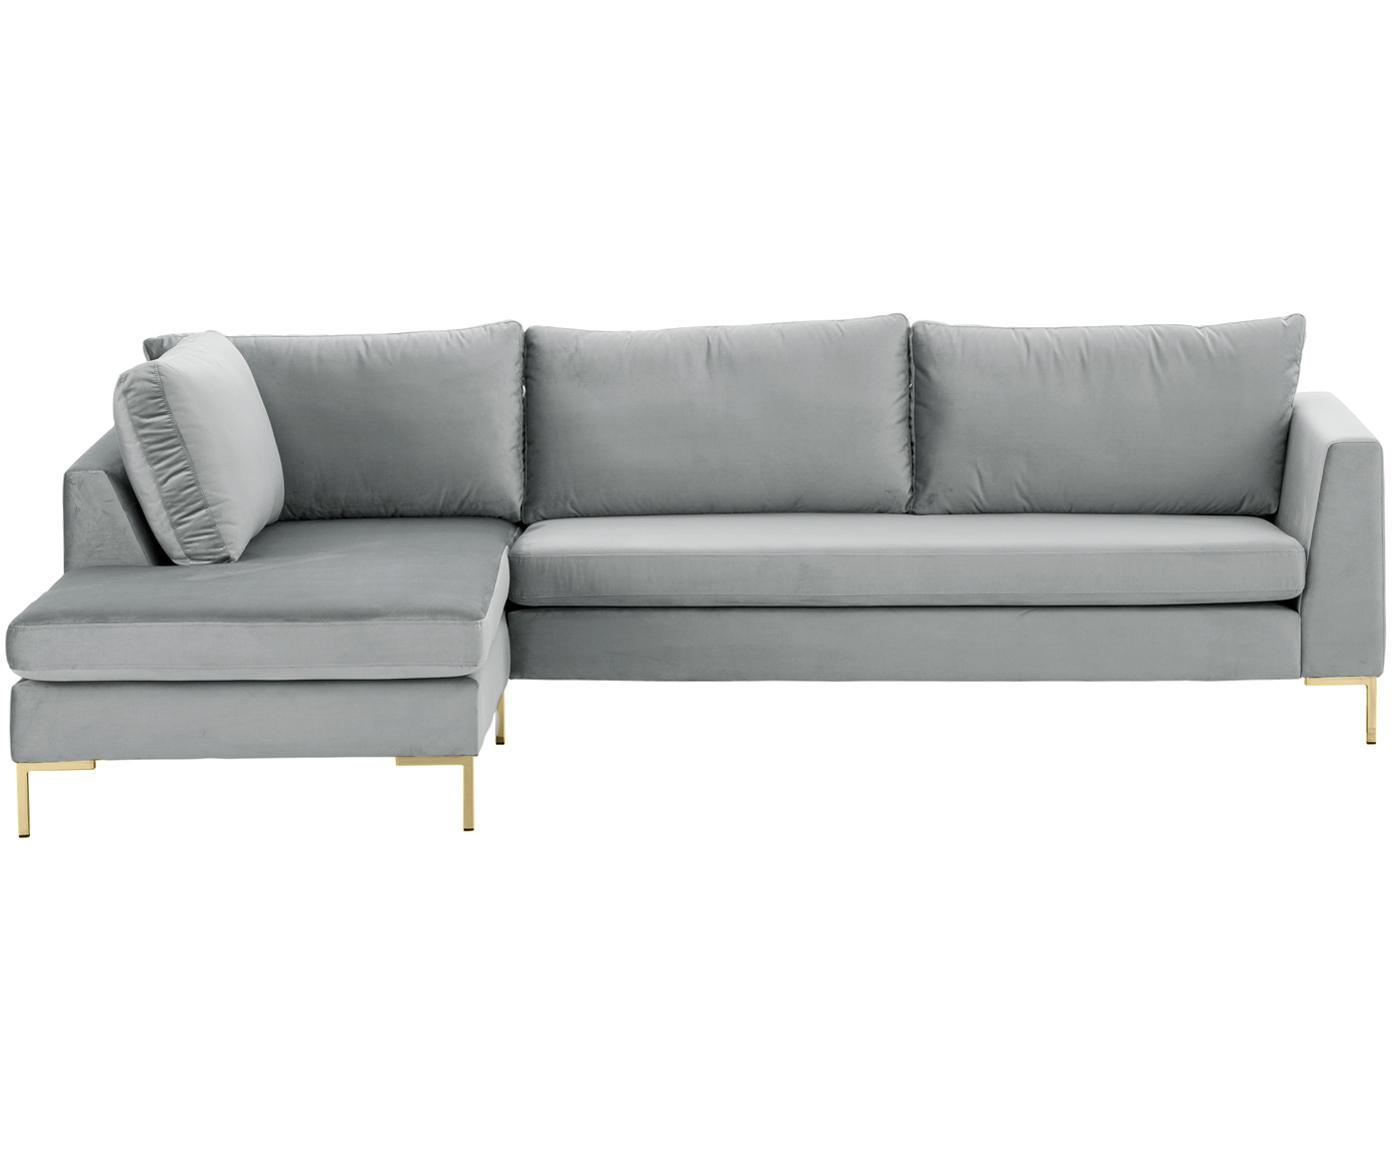 Fluwelen hoekbank Luna, Bekleding: fluweel (polyester), Frame: massief beukenhout, Poten: gegalvaniseerd metaal, Fluweel beigegrijs, goudkleurig, B 280 x D 184 cm